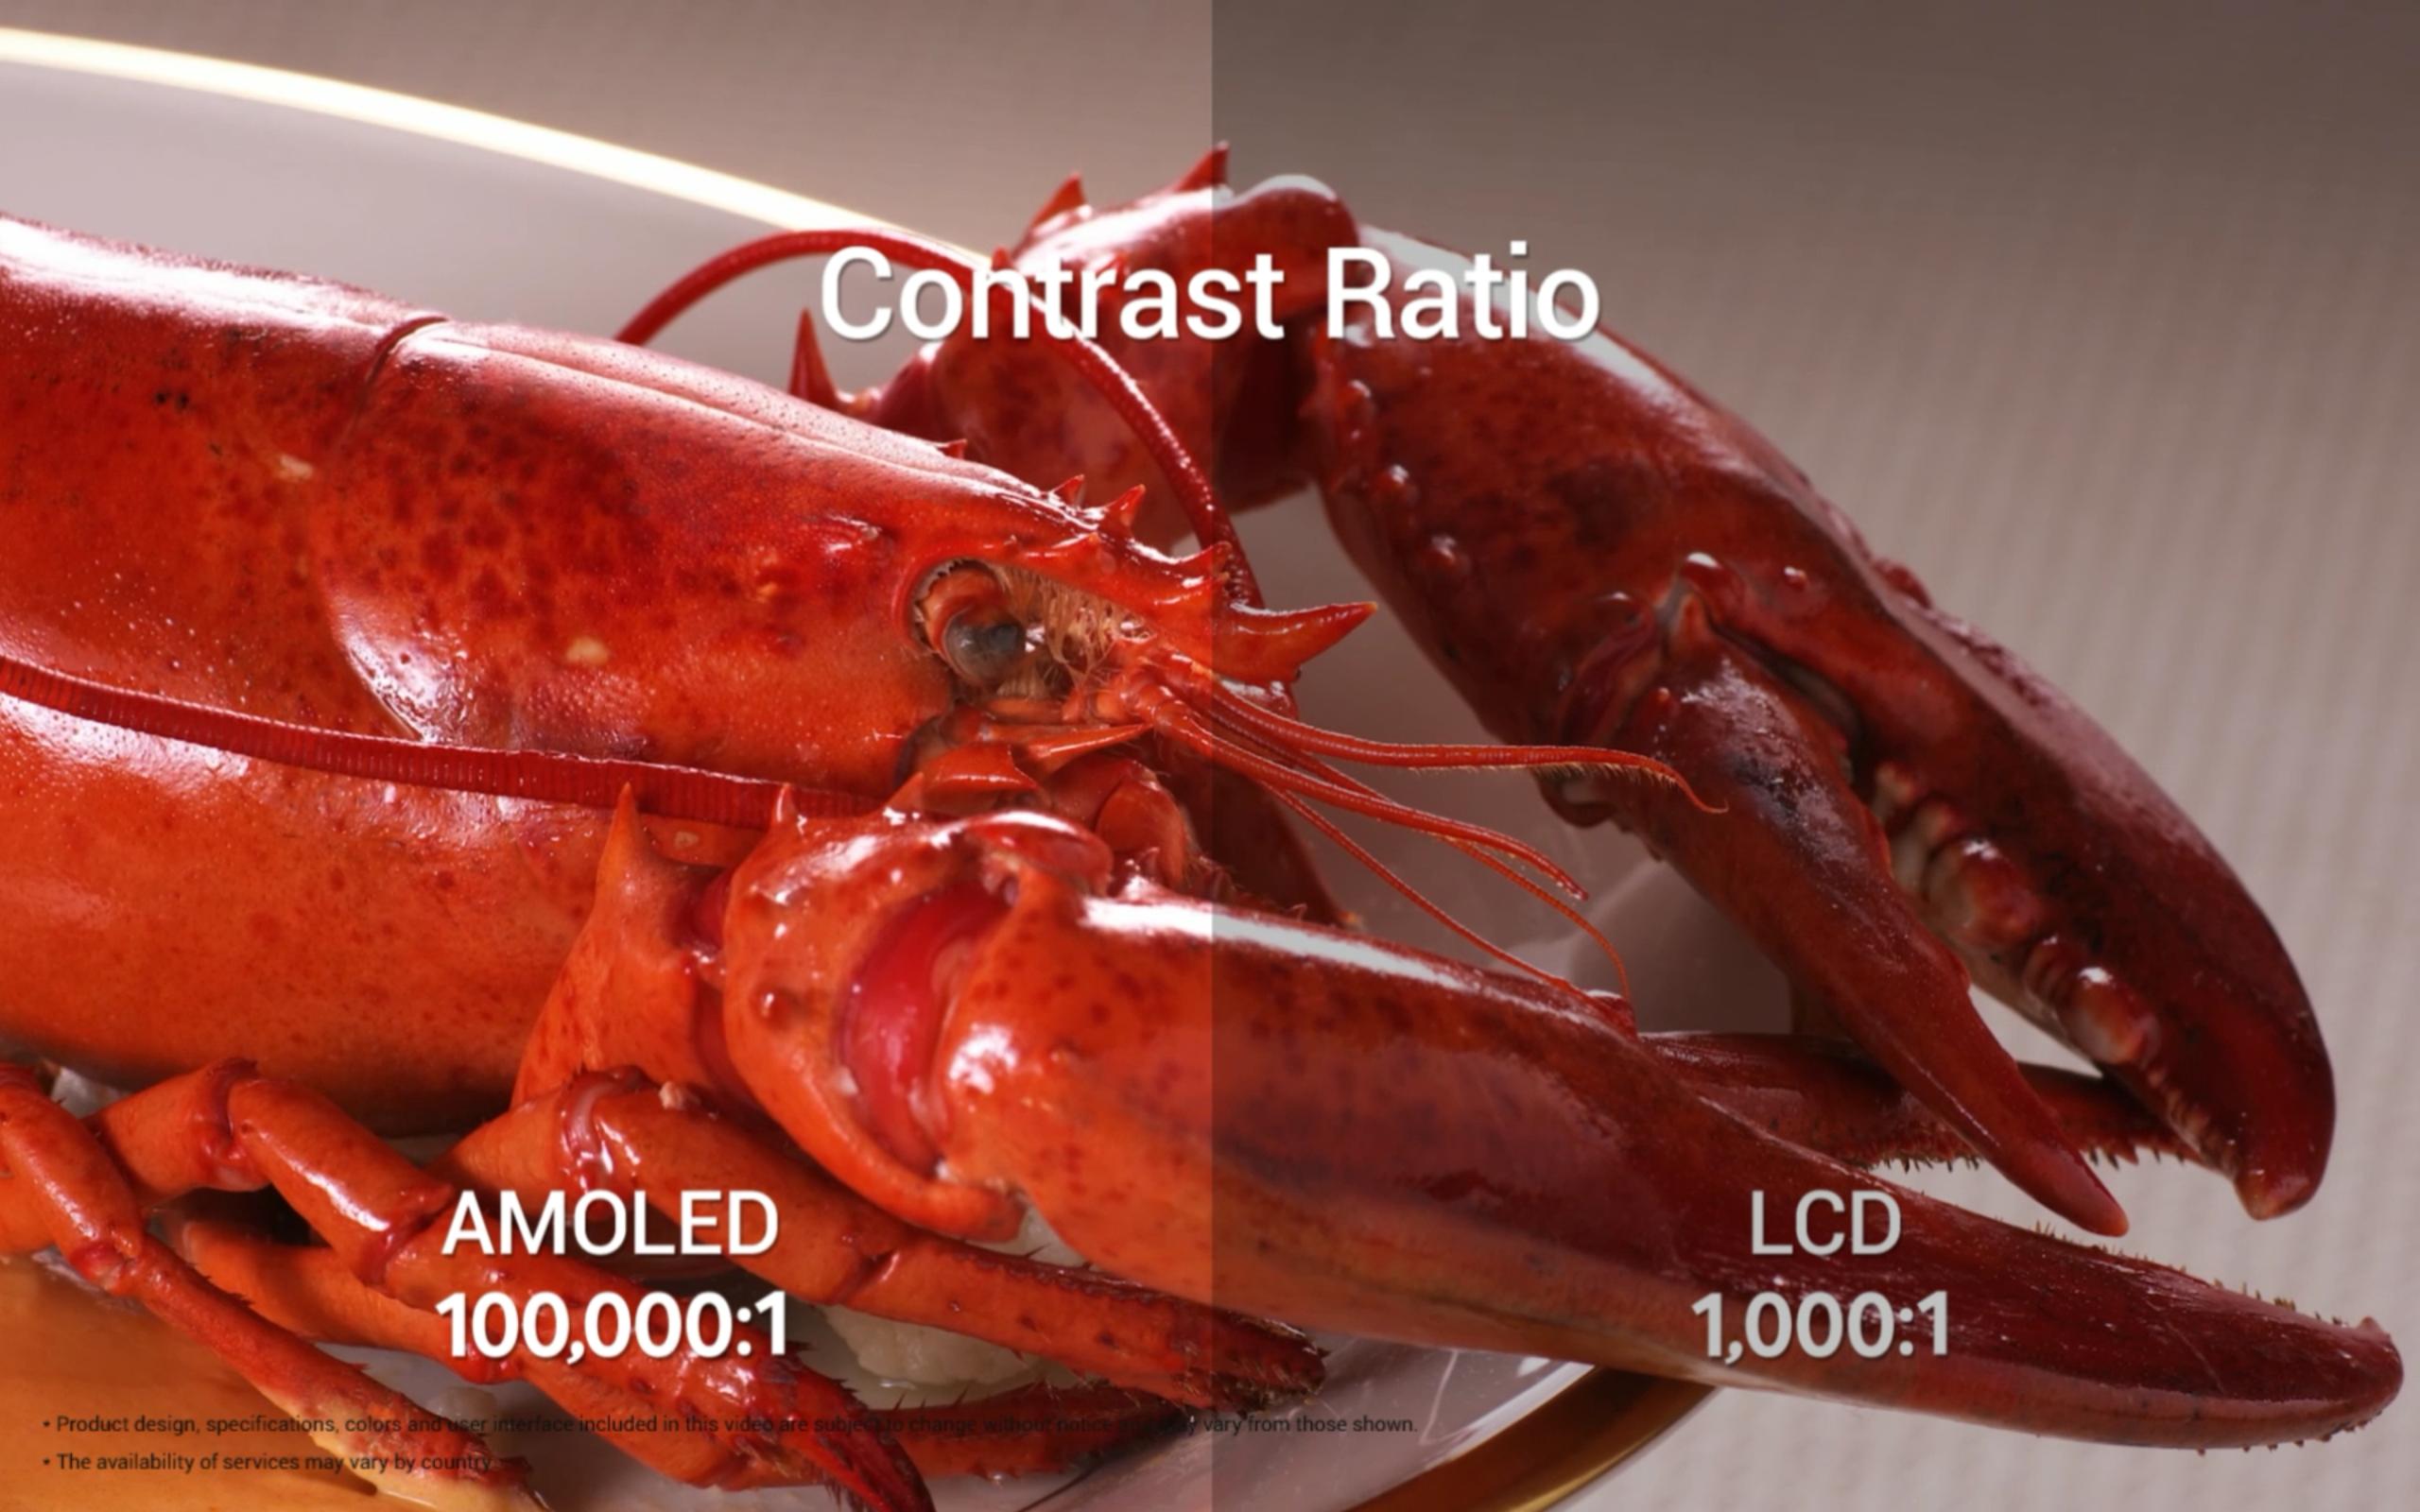 Pantallas AMOLED vs LCD